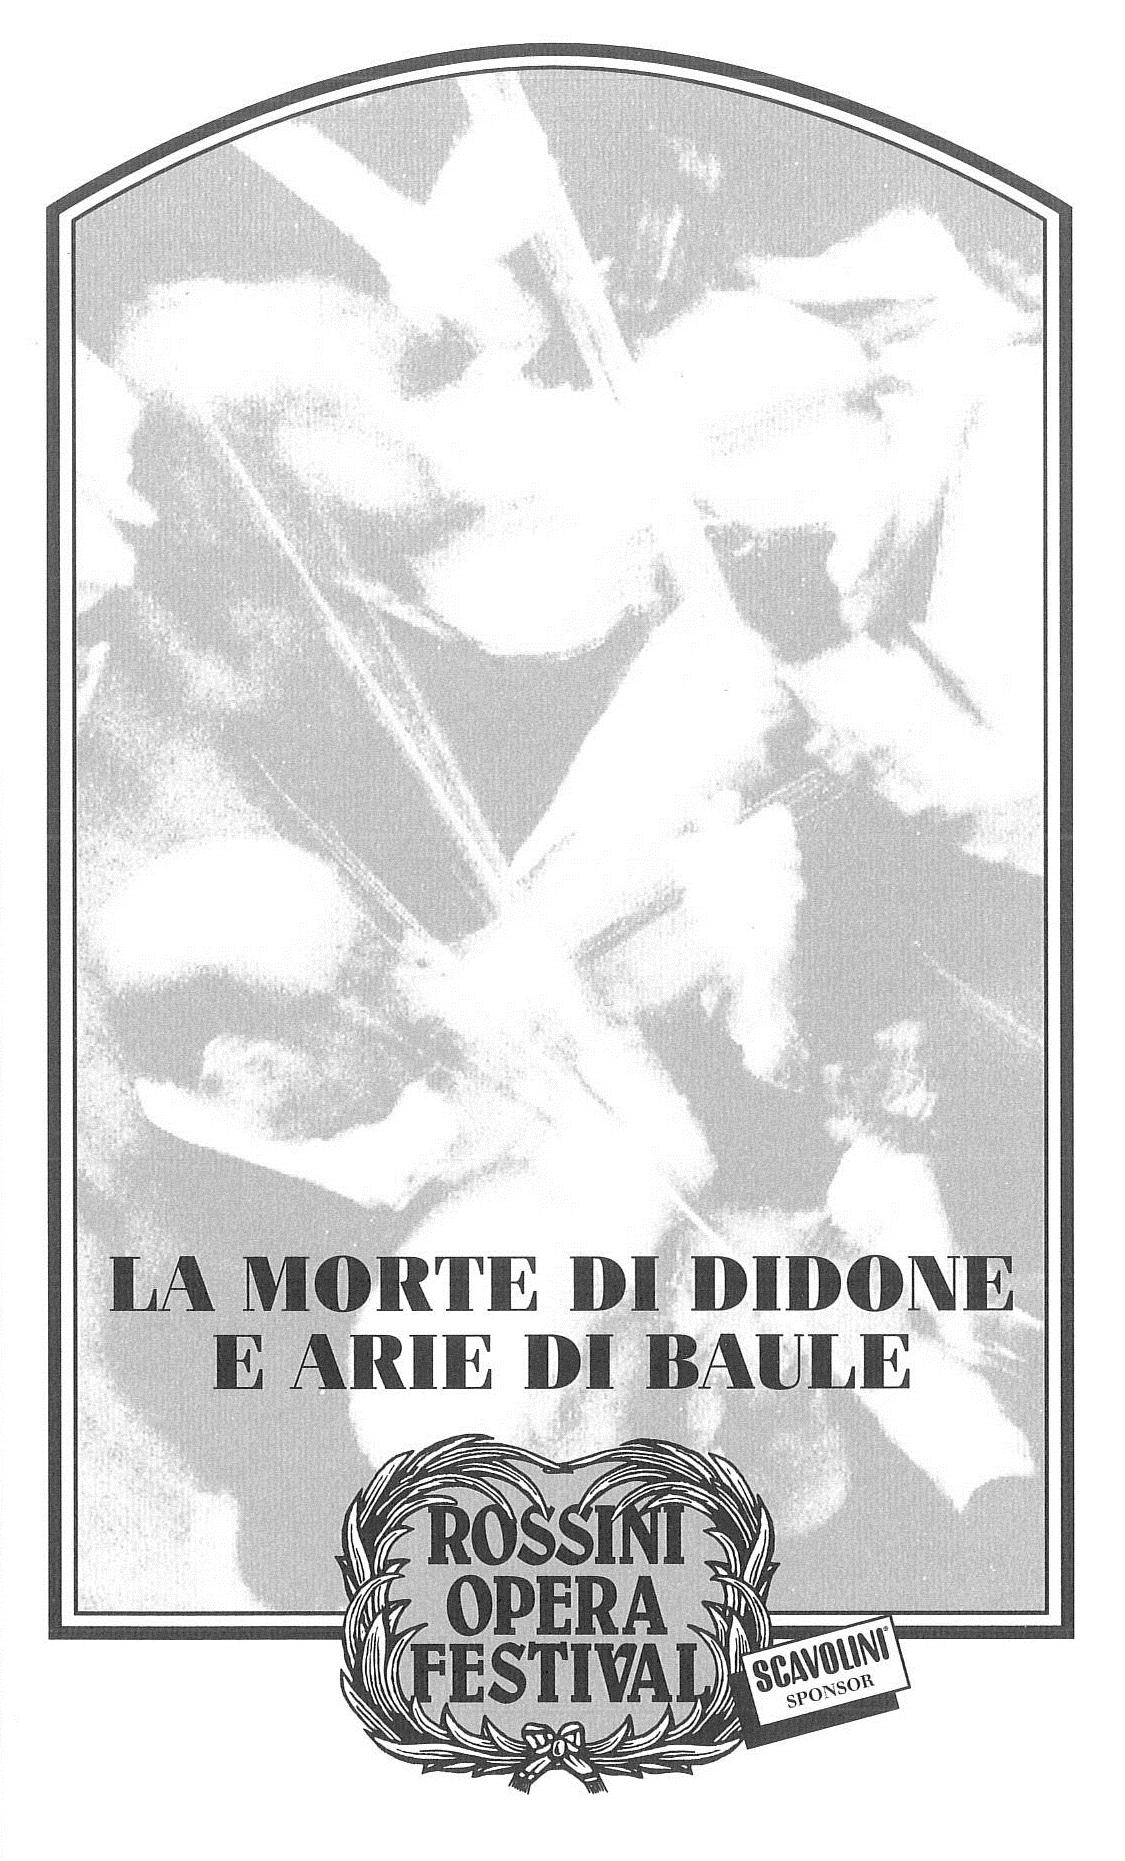 La morte di Didone e arie di baule 1996